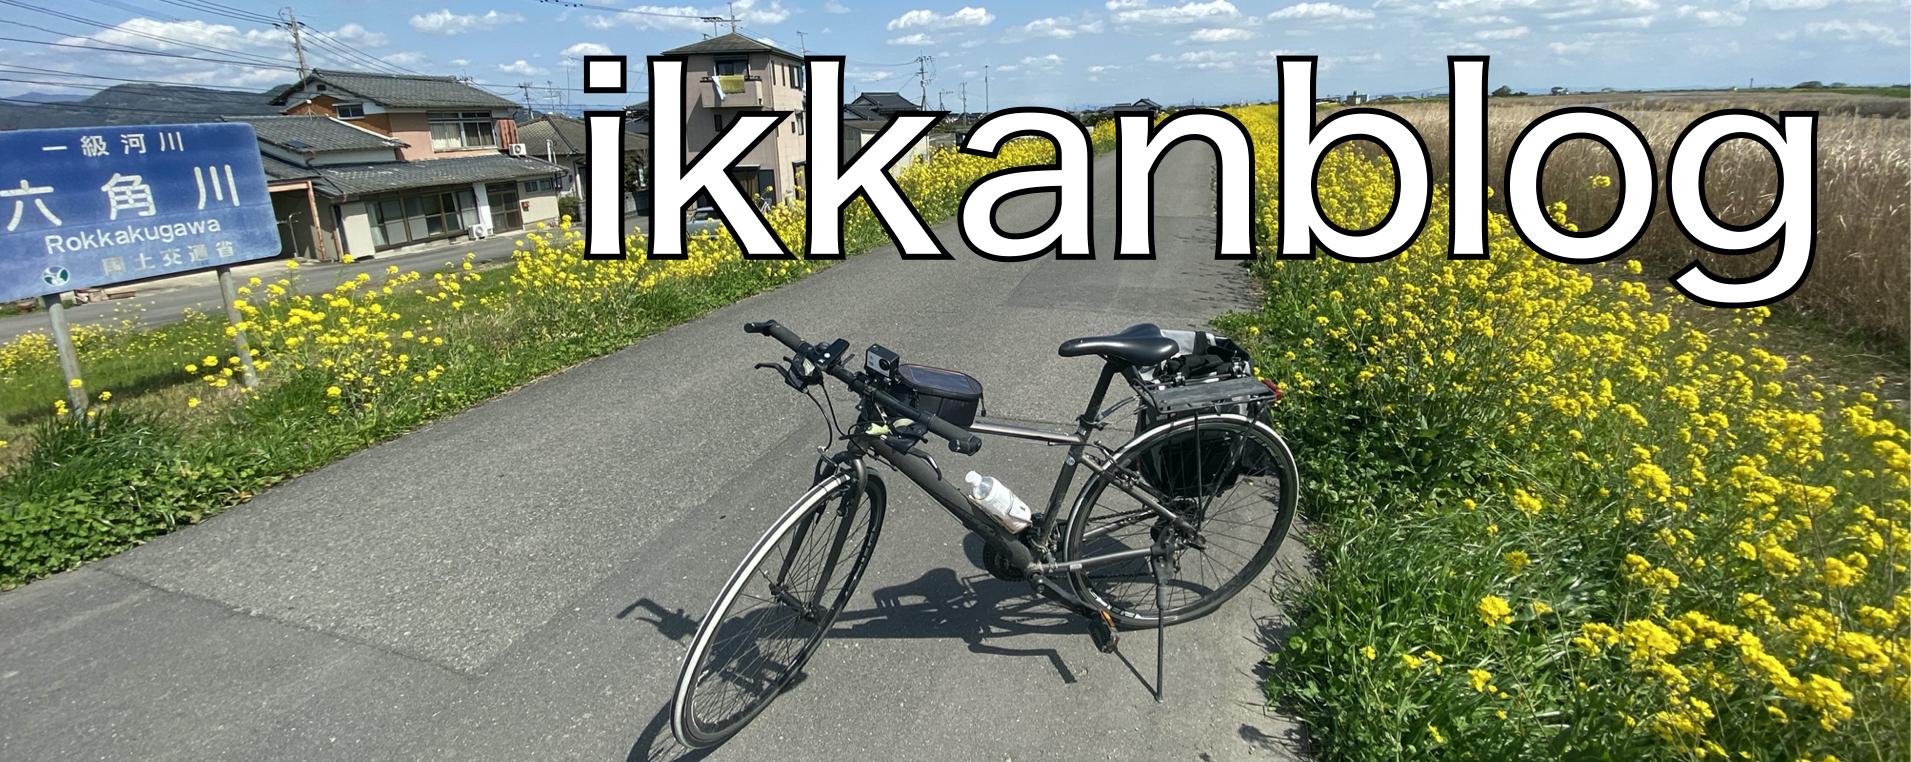 ikkanblog